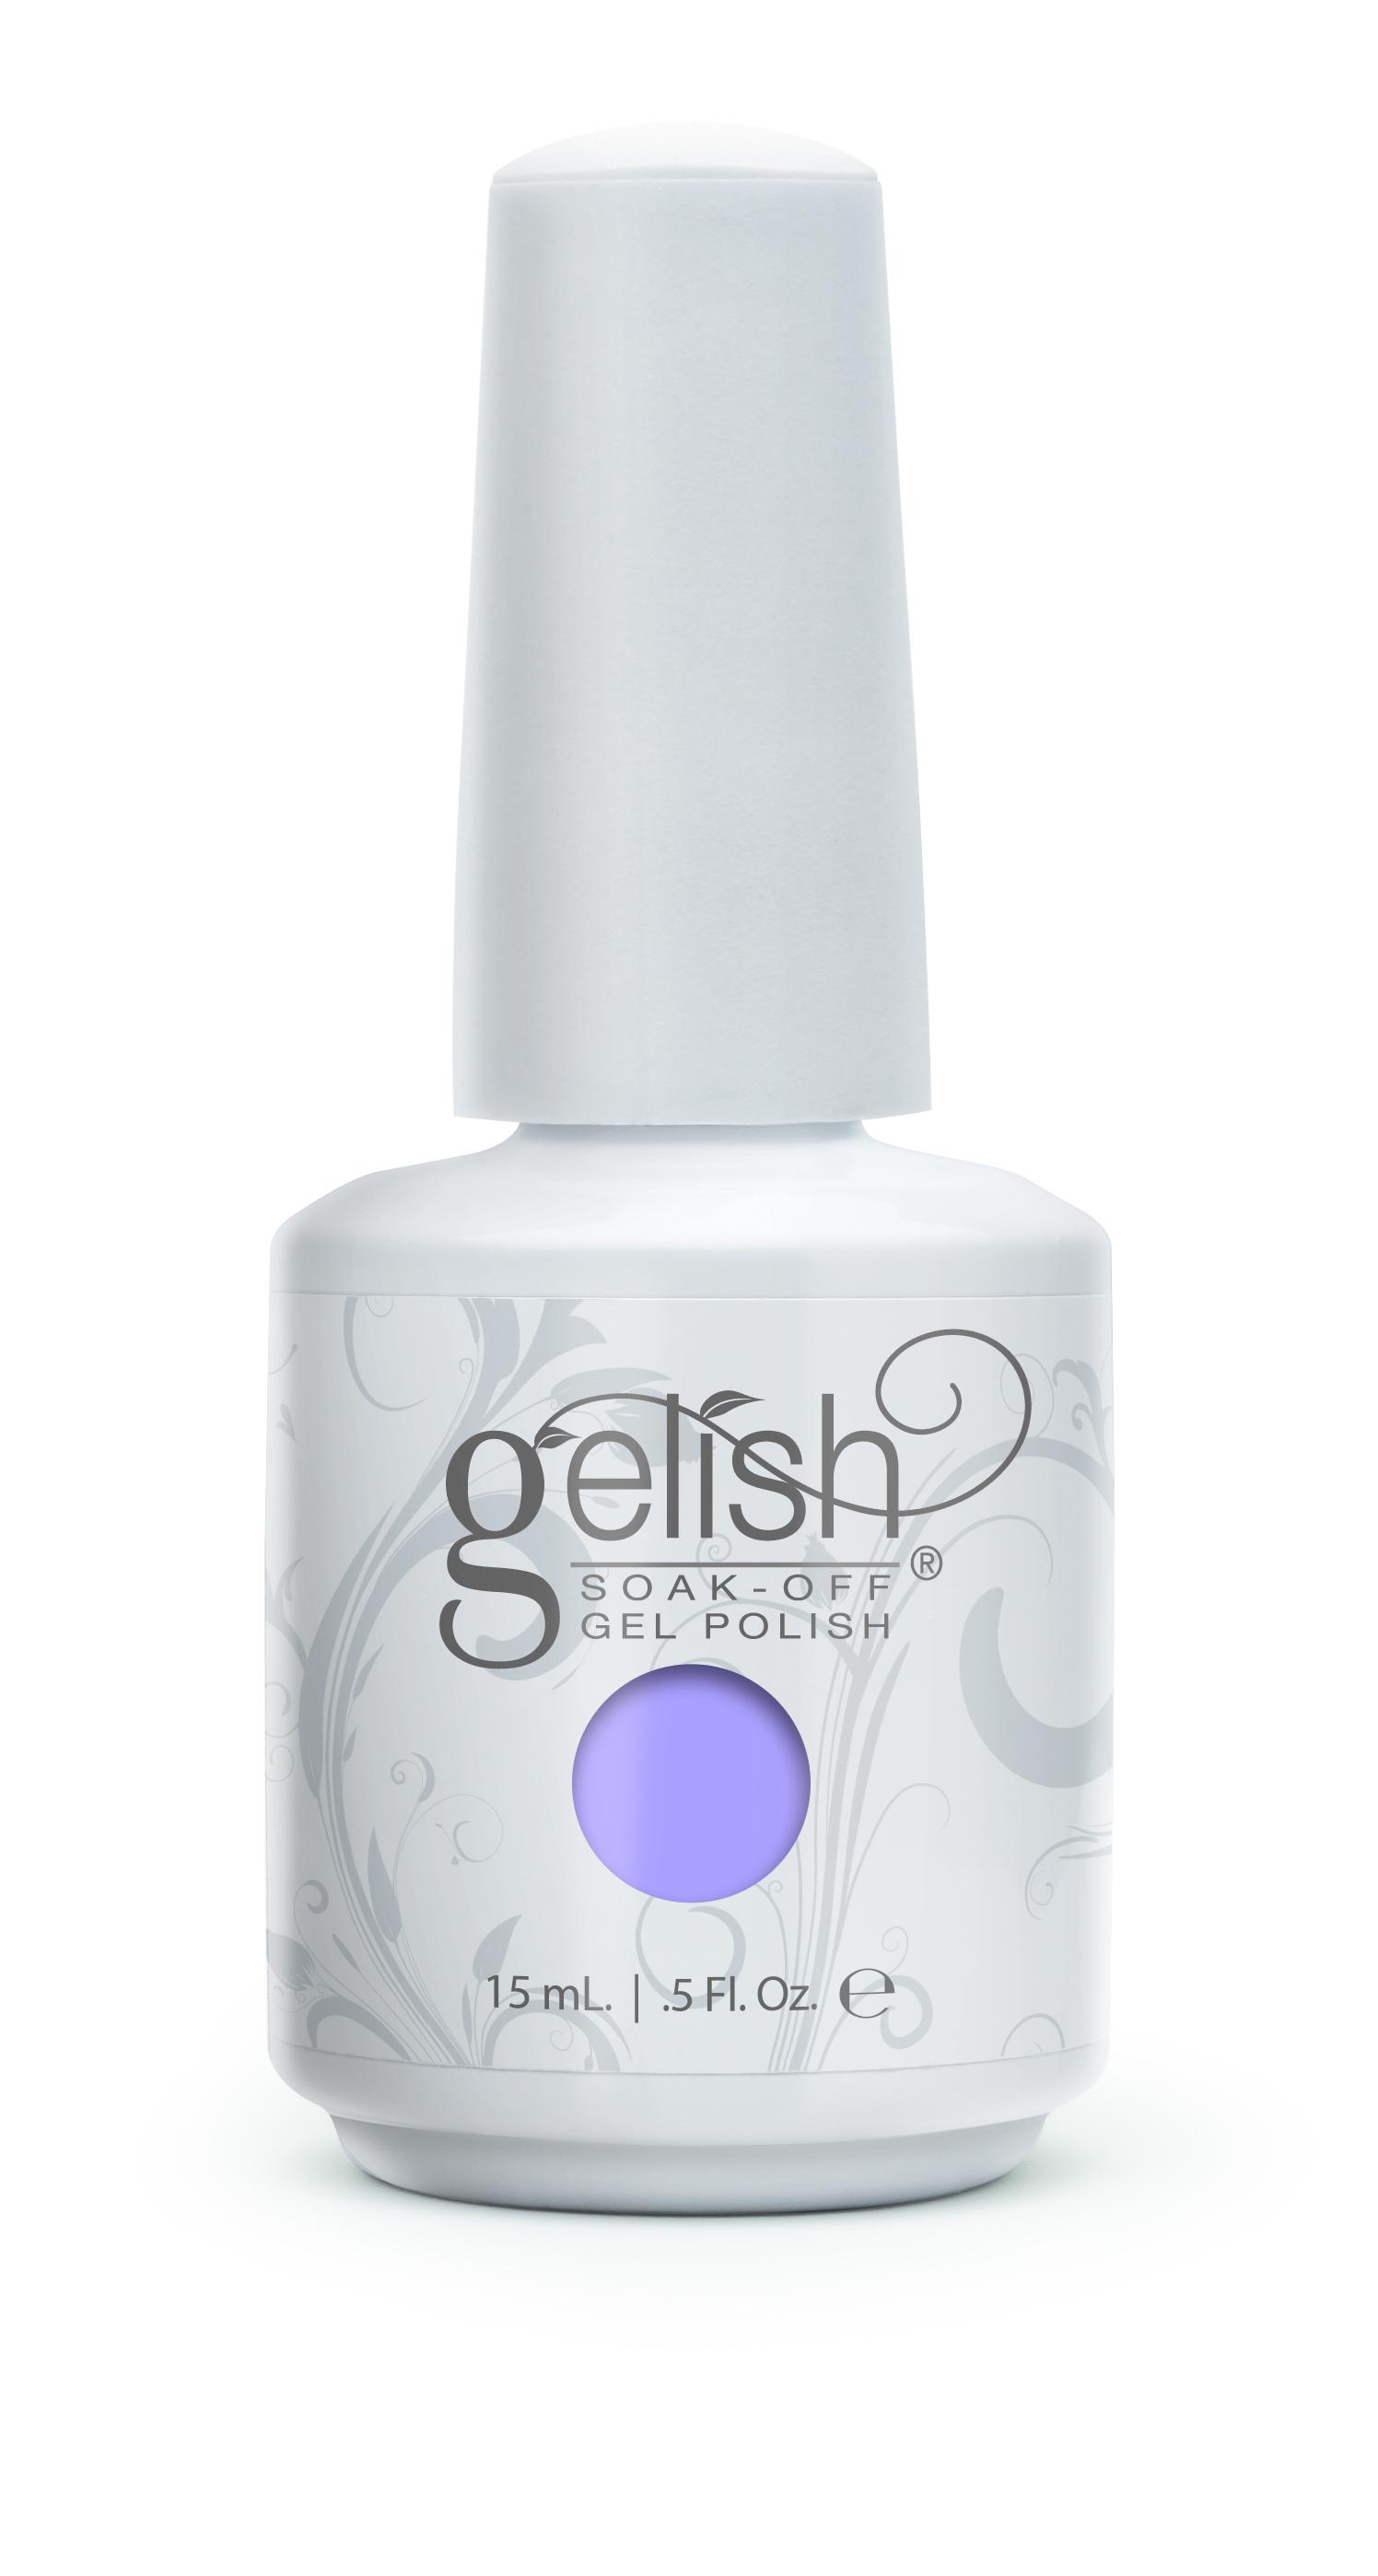 GELISH Гель-лак Po-Riwinkle / GELISH 15млГель-лаки<br>Гель-лак Gelish наносится на ноготь как лак, с помощью кисточки под колпачком. Процедура нанесения схожа с&amp;nbsp;нанесением обычного цветного покрытия. Все гель-лаки Harmony Gelish выполняют функцию еще и укрепляющего геля, делая ногти более прочными и длинными. Ногти клиента находятся под защитой гель-лака, они не ломаются и не расслаиваются. Гель-лаки Gelish после сушки в LED или УФ лампах держатся на натуральных ногтях рук до 3 недель, а на ногтях ног до 5 недель. Способ применения: Подготовительный этап. Для начала нужно сделать маникюр. В зависимости от ваших предпочтений это может быть европейский, классический обрезной, СПА или аппаратный маникюр. Главное, сдвинуть кутикулу с ногтевого ложа и удалить ороговевшие участки кожи вокруг ногтей. Особенностью этой системы является то, что перед нанесением базового слоя необходимо обработать ноготь шлифовочным бафом Harmony Buffer 100/180 грит, для того, чтобы снять глянец. Это поможет улучшить сцепку покрытия с ногтем. Пыль, которая осталась после опила, излишки жира и влаги удаляются с помощью обезжиривателя Бондер / GELISH pH Bond 15&amp;nbsp;мл или любого другого дегитратора. Нанесение искусственного покрытия Harmony.&amp;nbsp; После того, как подготовительные процедуры завершены, можно приступать непосредственно к нанесению искусственного покрытия Harmony Gelish. Как и все гелевые лаки, продукцию этого бренда необходимо полимеризовать в лампе. Гель-лаки Gelish сохнут (полимеризуются) под LED или УФ лампой. Время полимеризации: В LED лампе 18G/6G = 30 секунд В LED лампе Gelish Mini Pro = 45 секунд В УФ лампах 36 Вт = 120 секунд В УФ лампе Harmony Mini Portable UV Light = 180 секунд ПРИМЕЧАНИЕ: подвергать полимеризации необходимо каждый слой гель-лакового покрытия! 1)Первым наносится тонкий слой базового покрытия Gelish Foundation Soak Off Base Gel 15 мл. 2)Следующий шаг   нанесение цветного гель-лака Harmony Gelish.&amp;nbsp; 3)Заключительный этап Нанесение